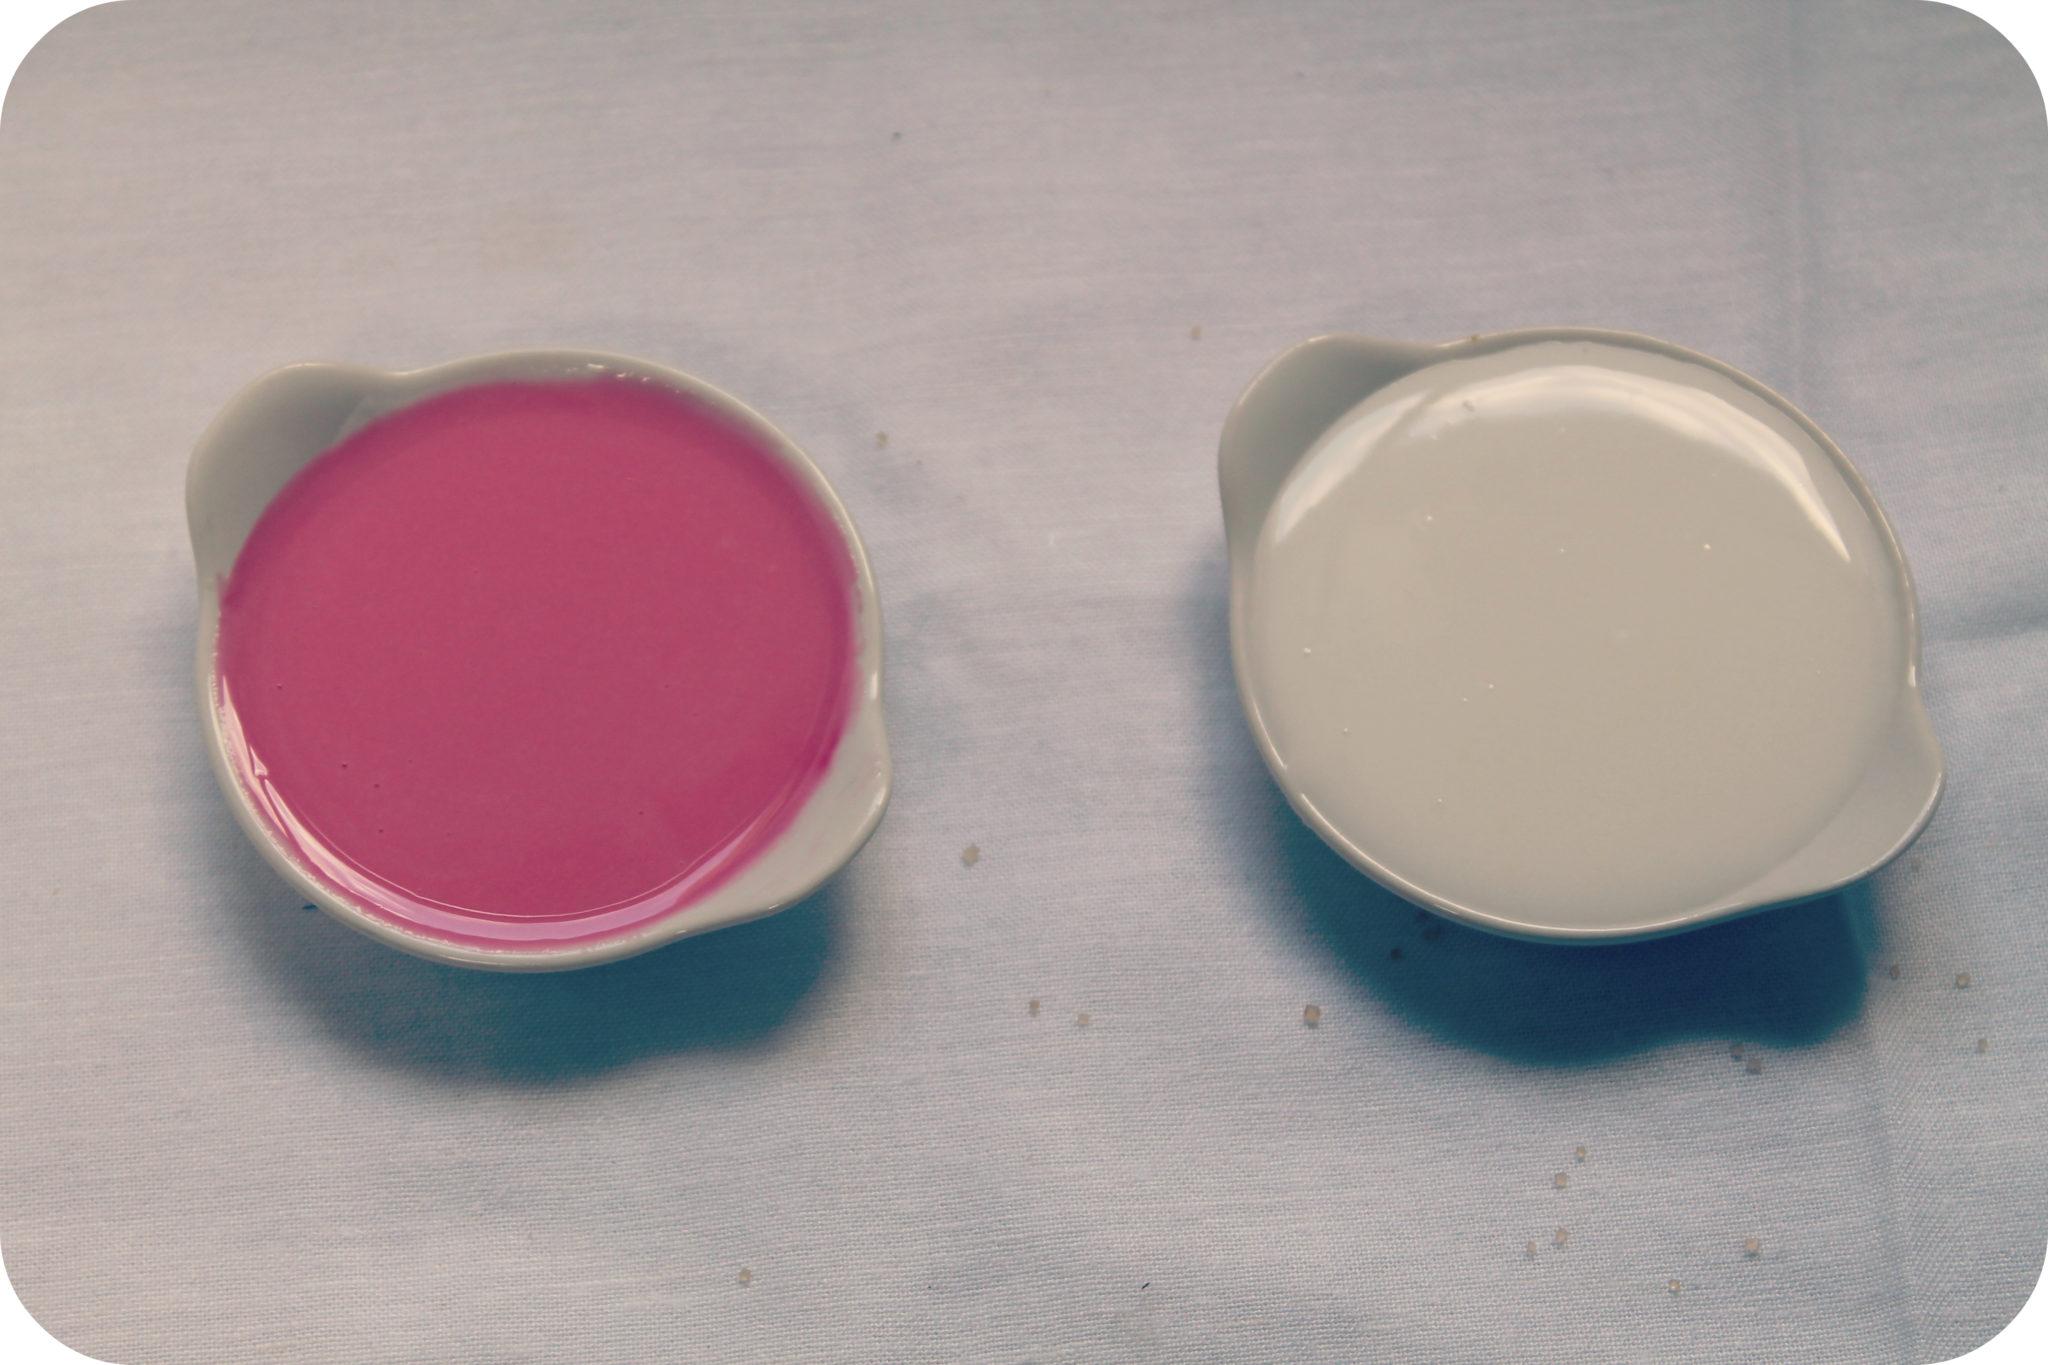 colorant2